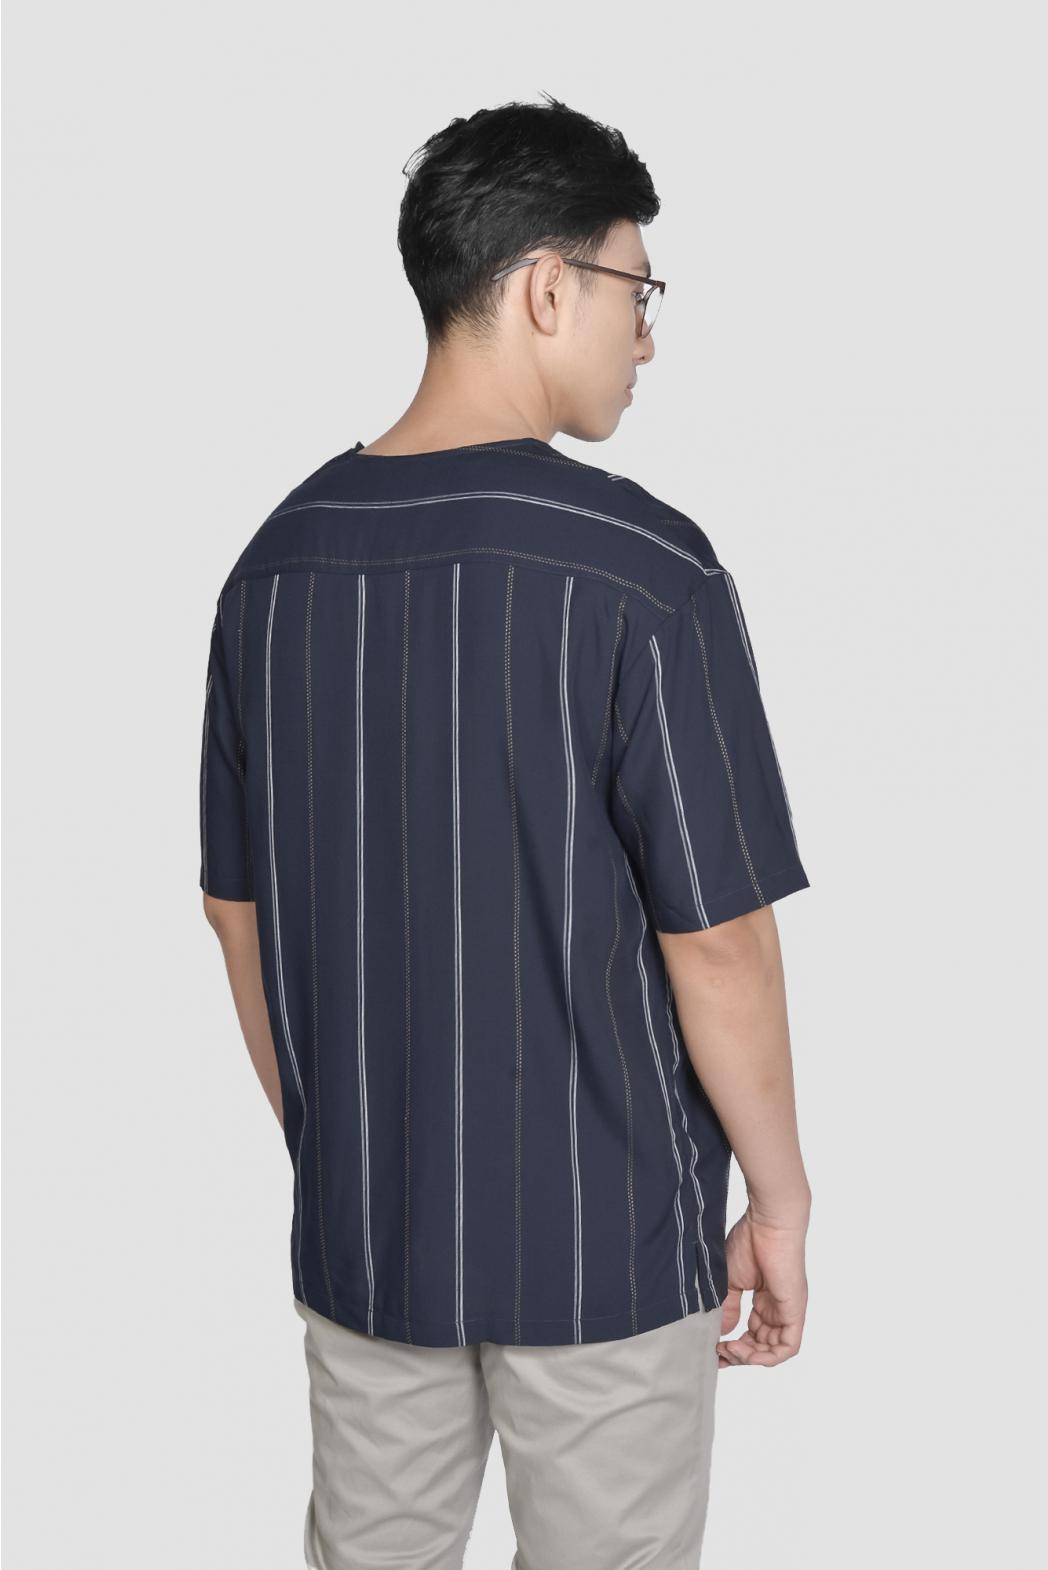 Áo thun tay ngắn, rã thân trước. LOOSE form - 10F20TSH042